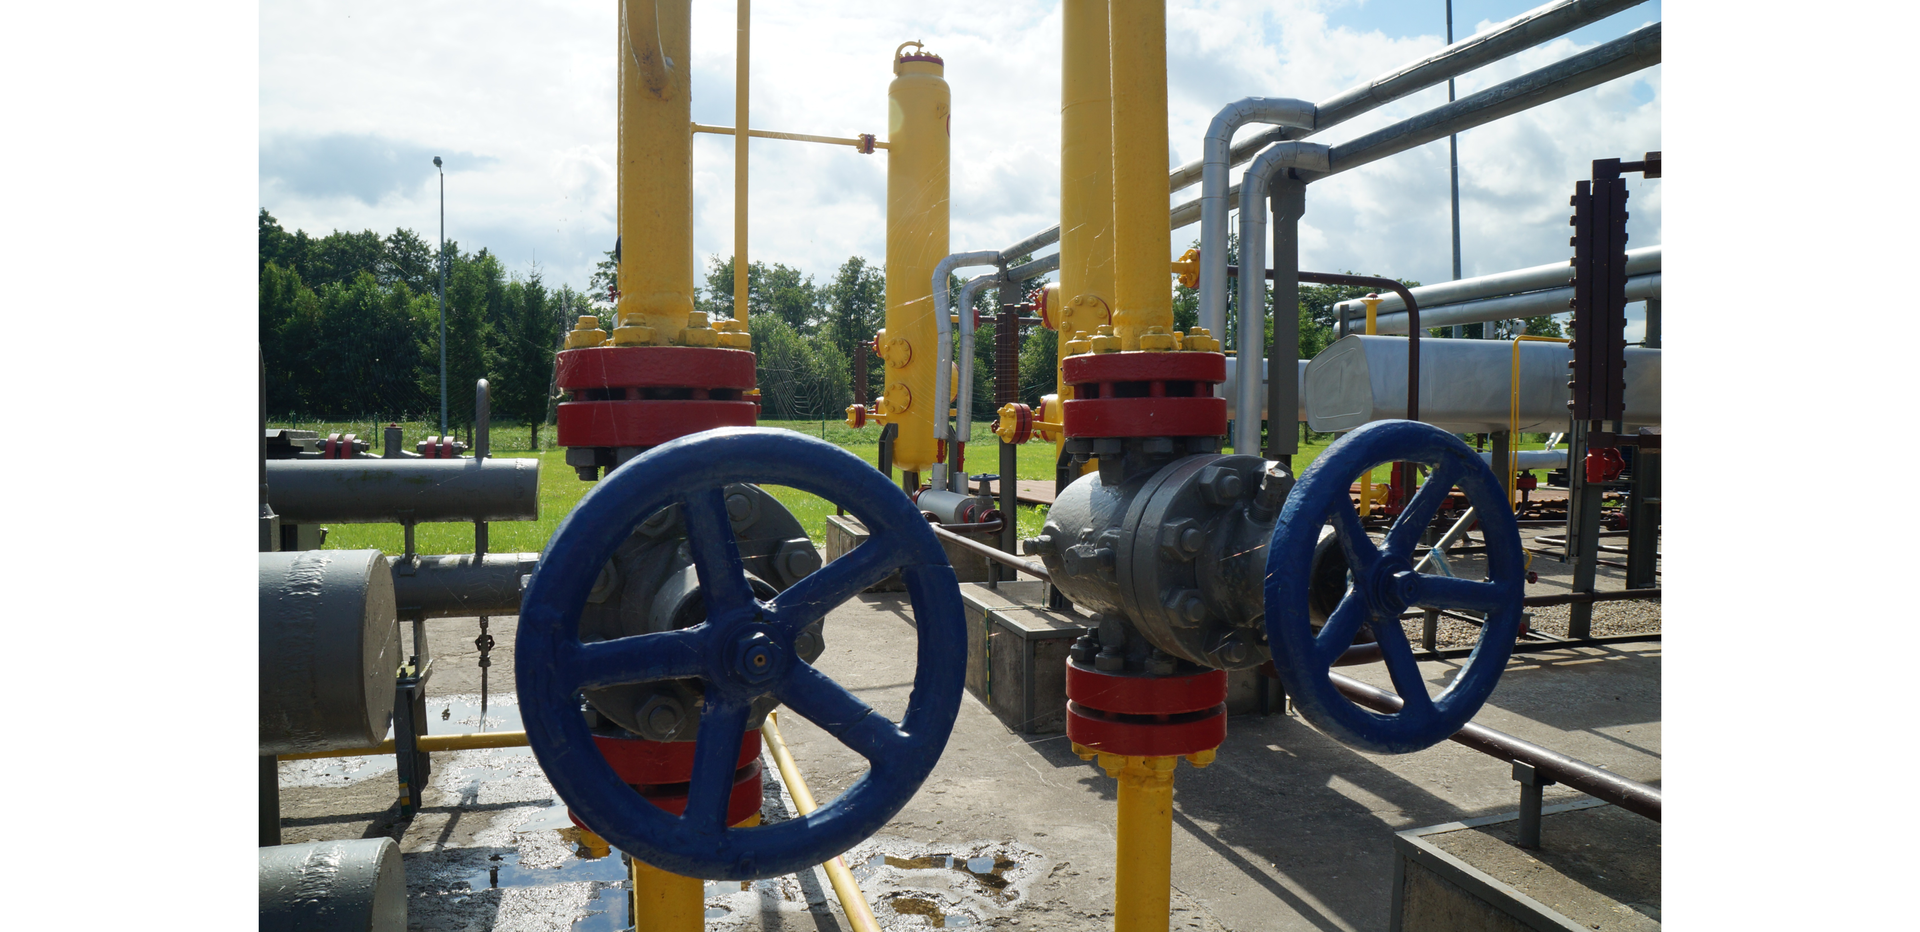 Ilustracja przedstawia stację gazową